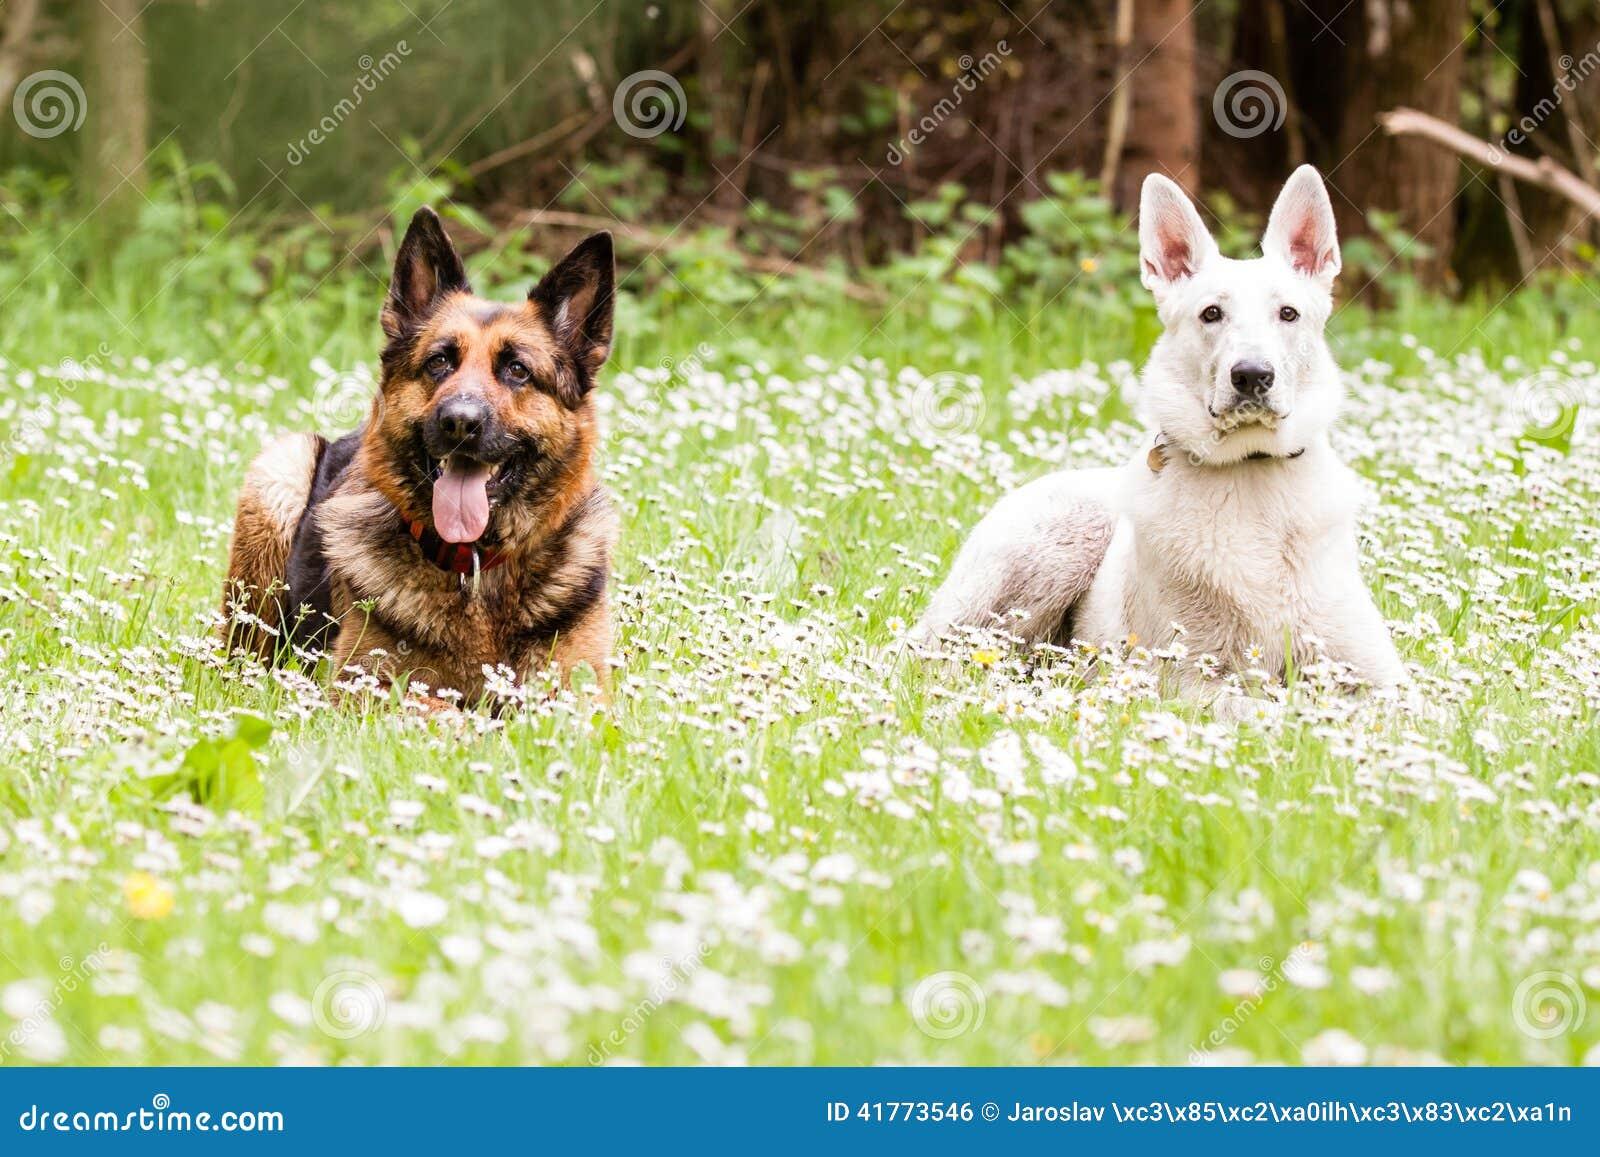 Daisy S Dog Dreams